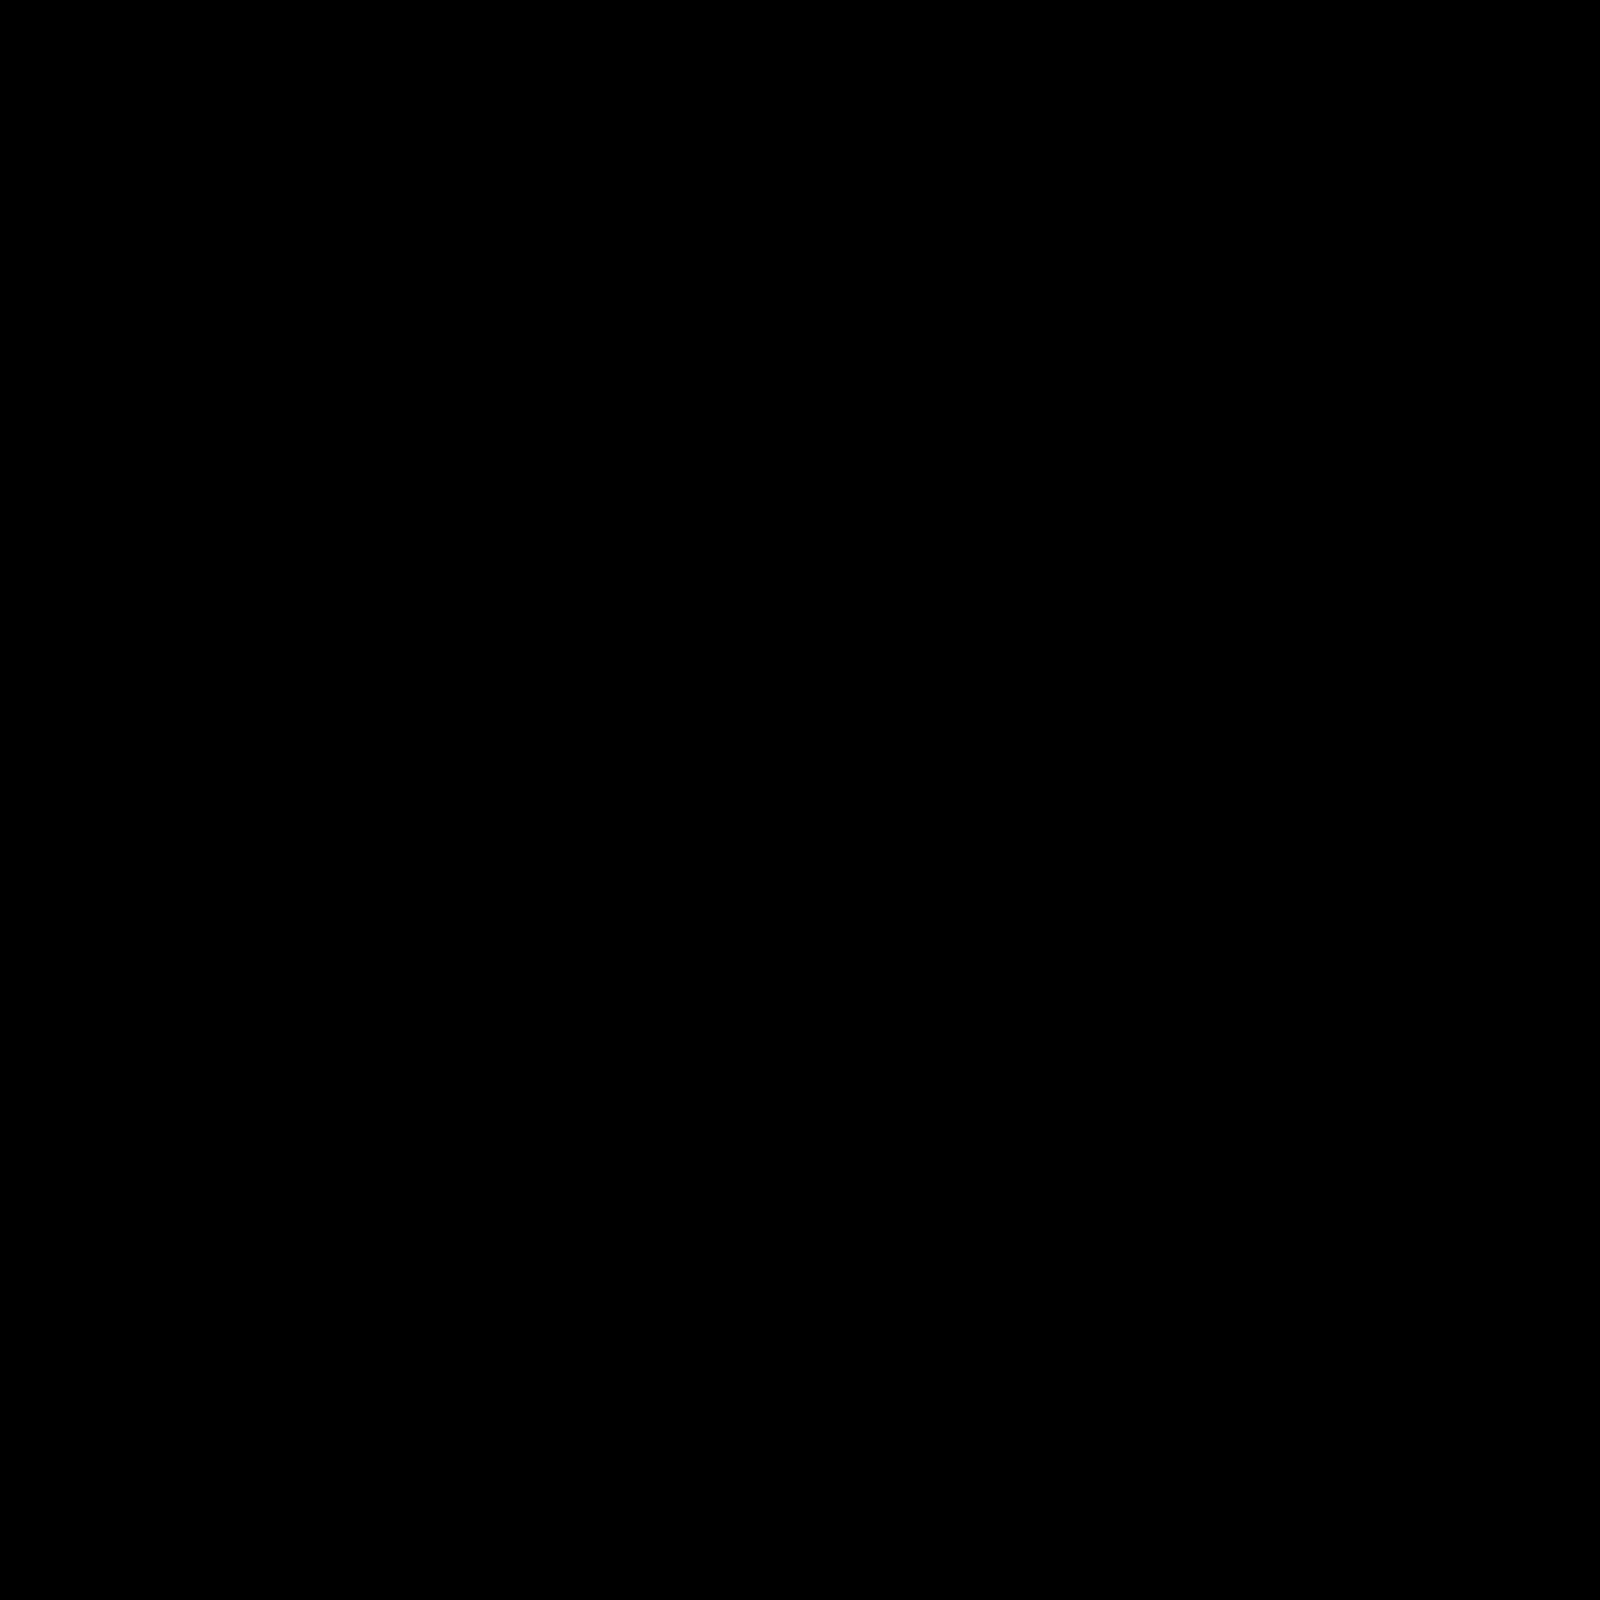 Astronaut Helmet icon